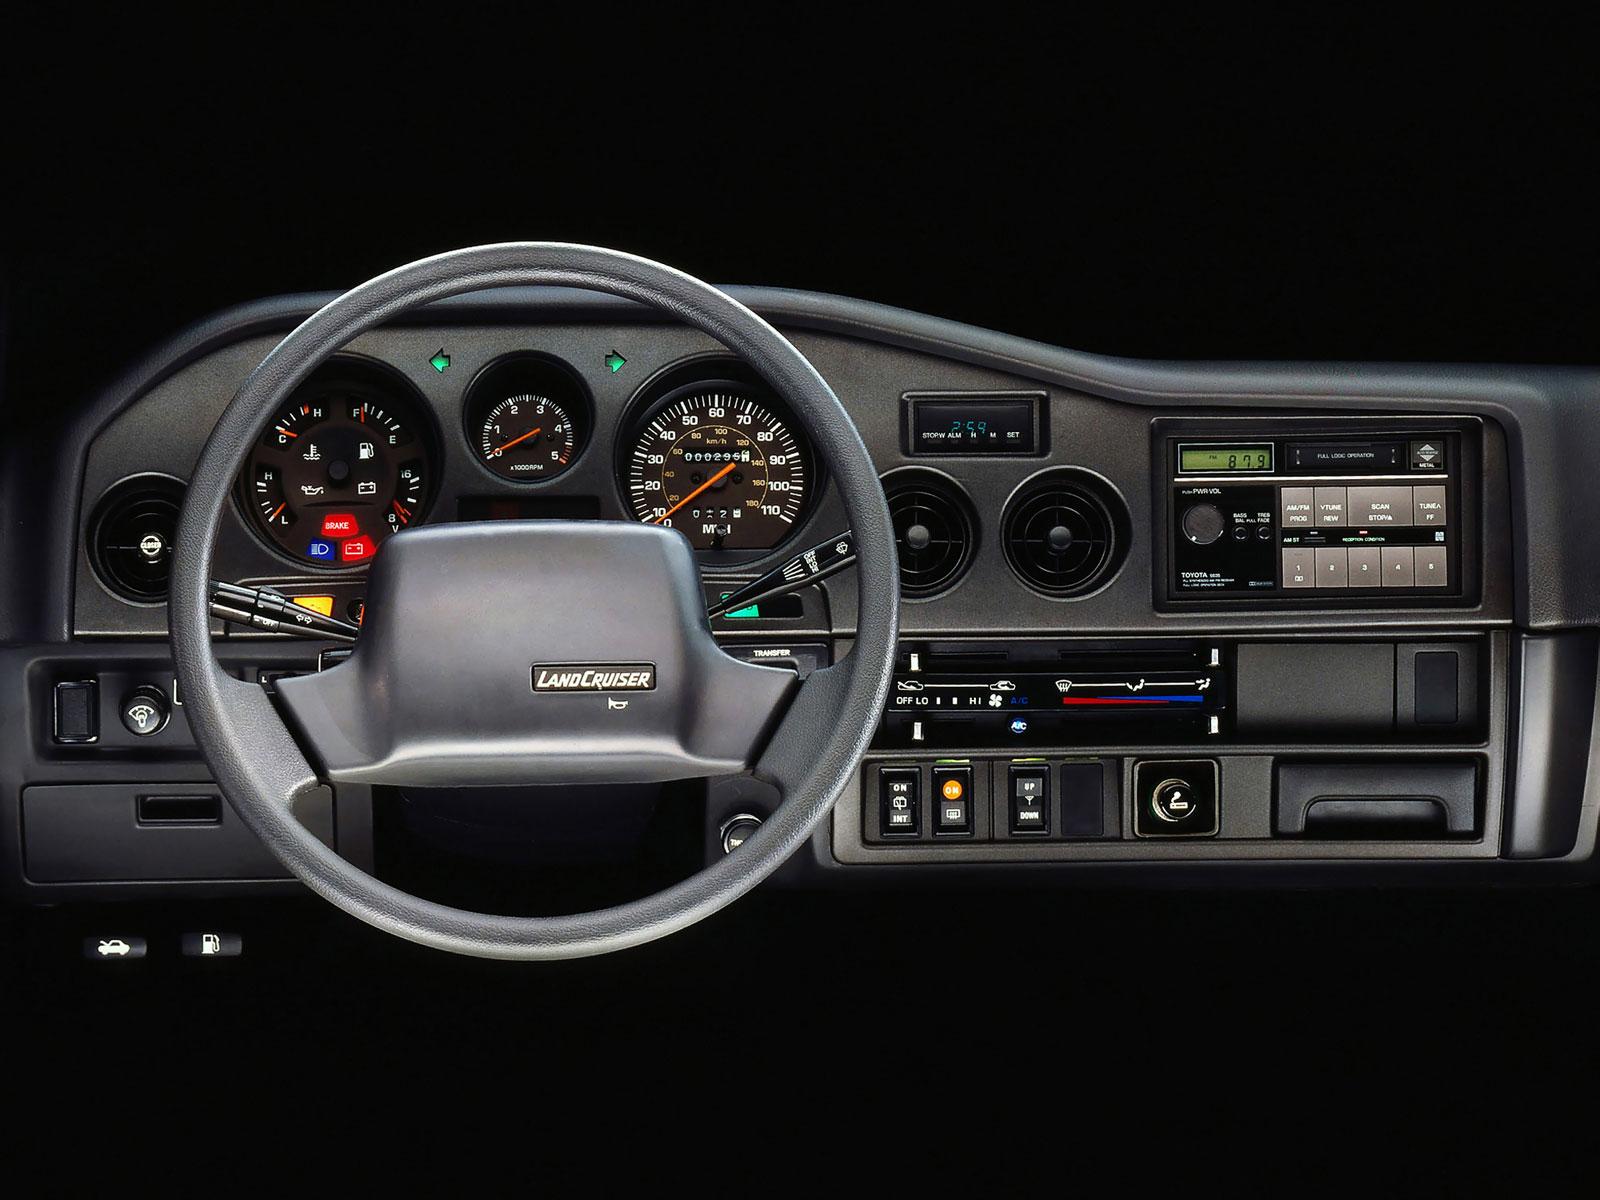 1987 Toyota Land Cruiser FJ60 dashboard